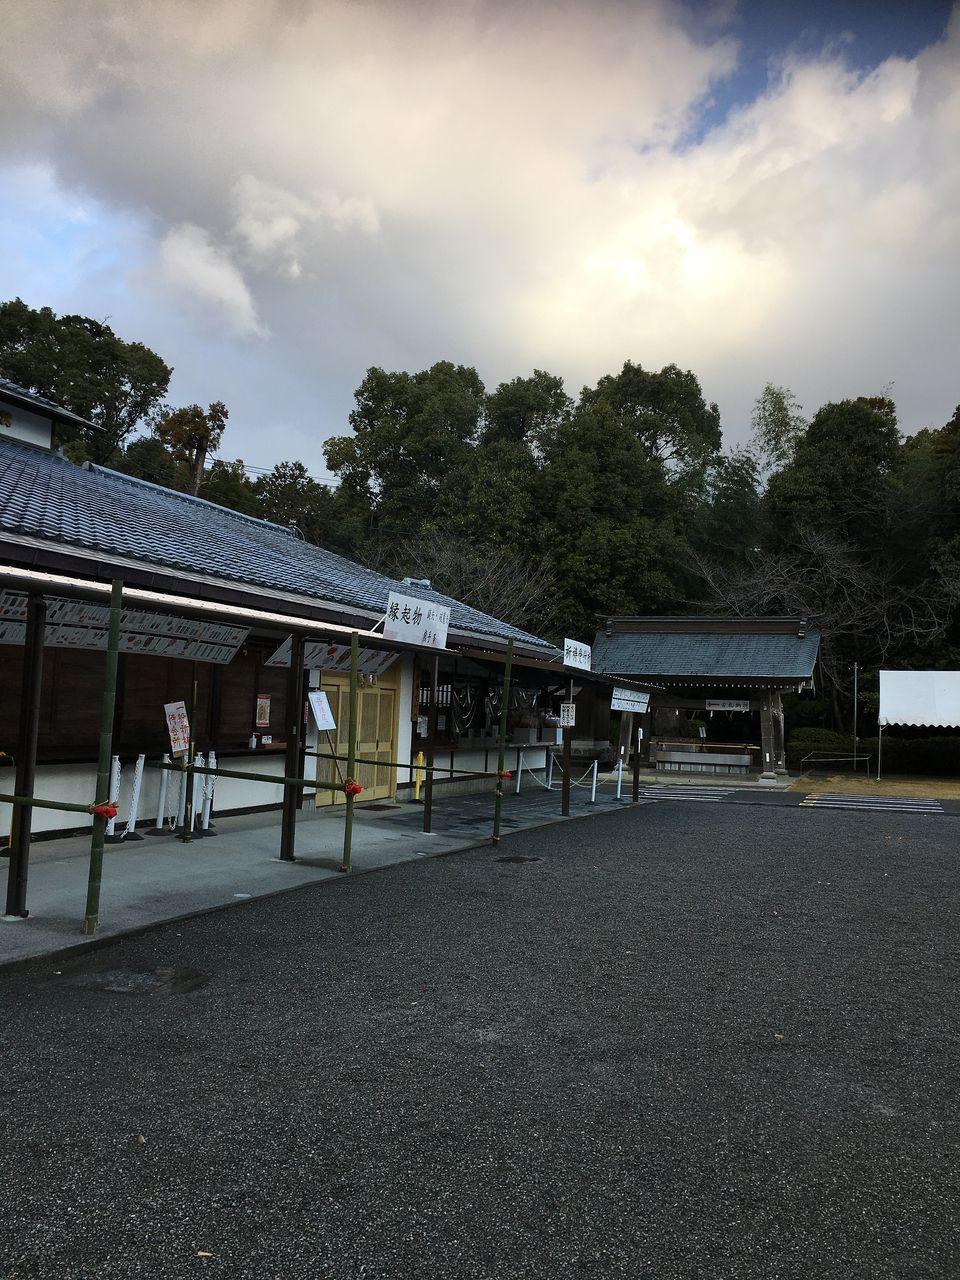 初詣の参拝者を迎える準備の進む健軍神社社務所